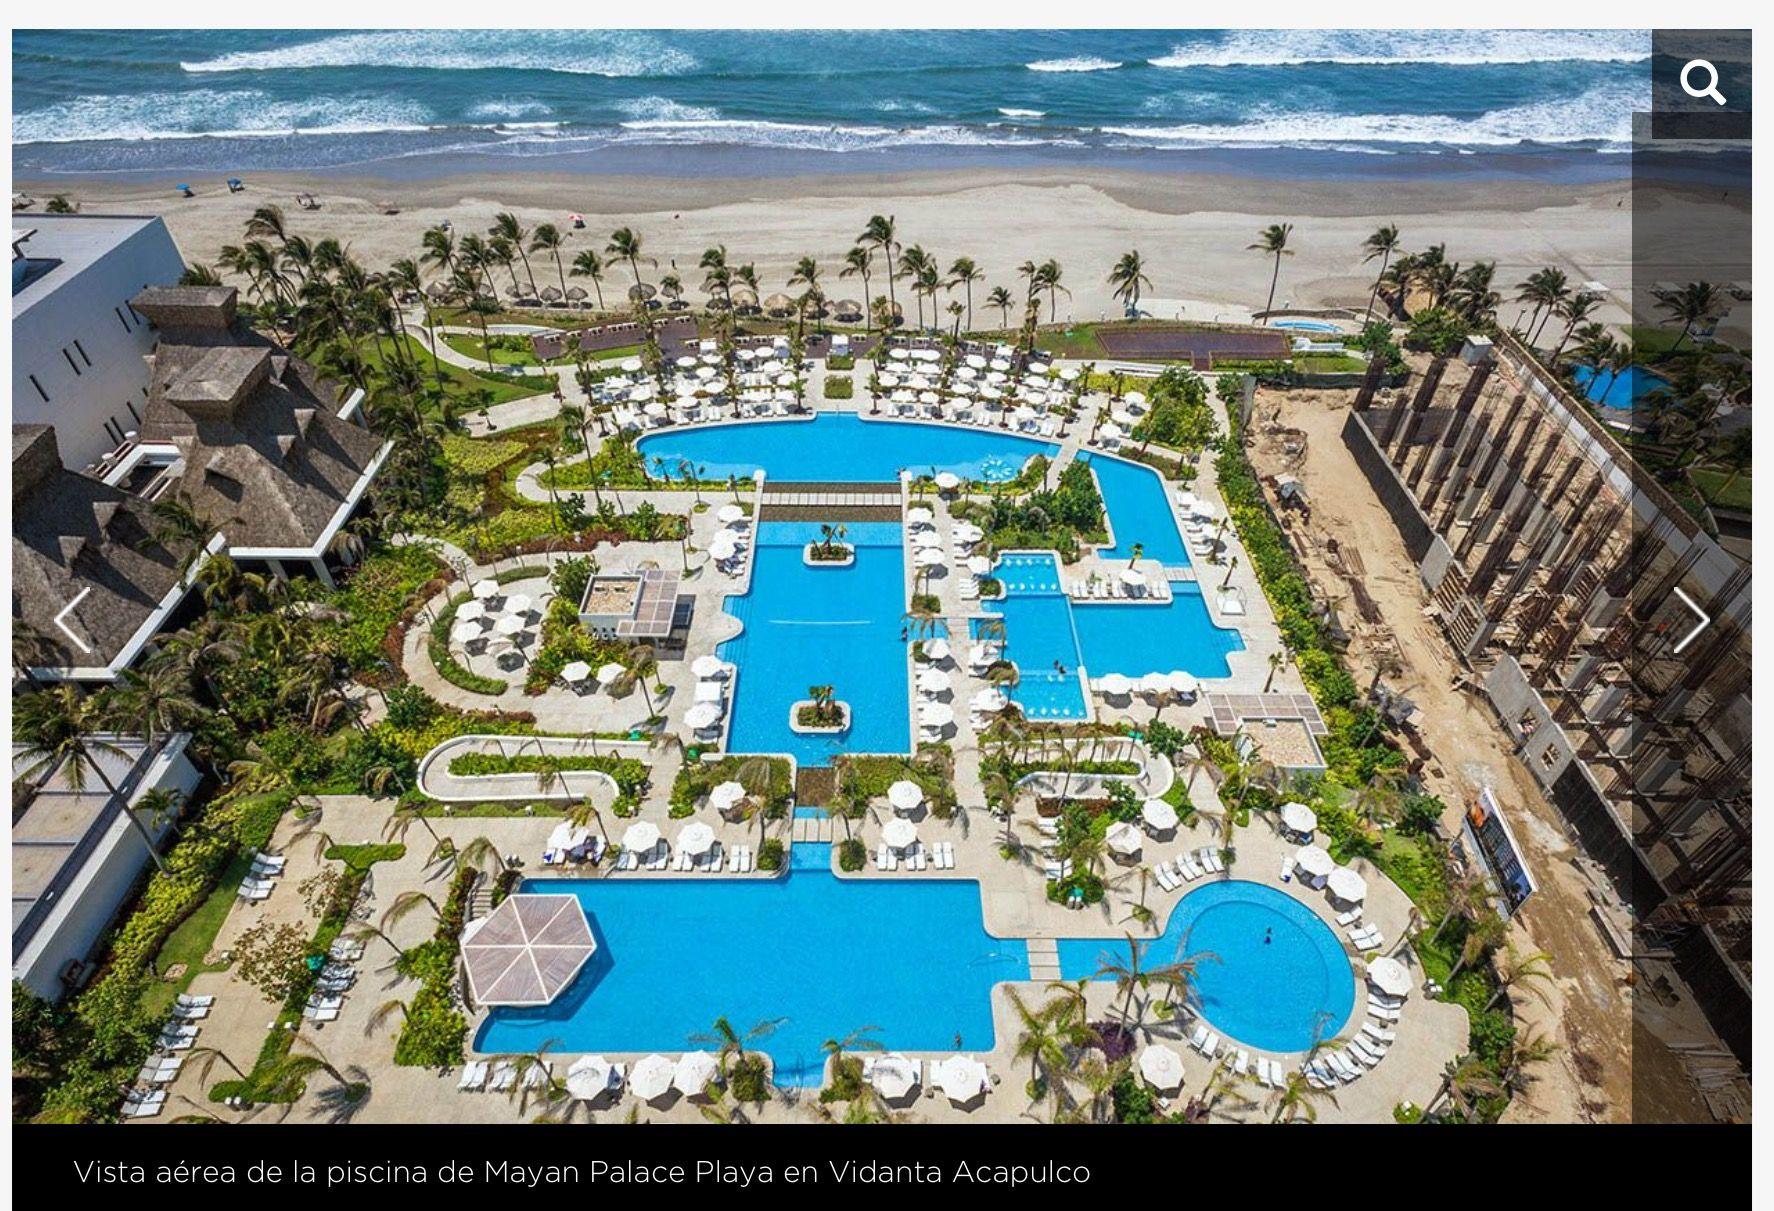 The beautiful Playa tower pool at Mayan Palace resort at Vidanta